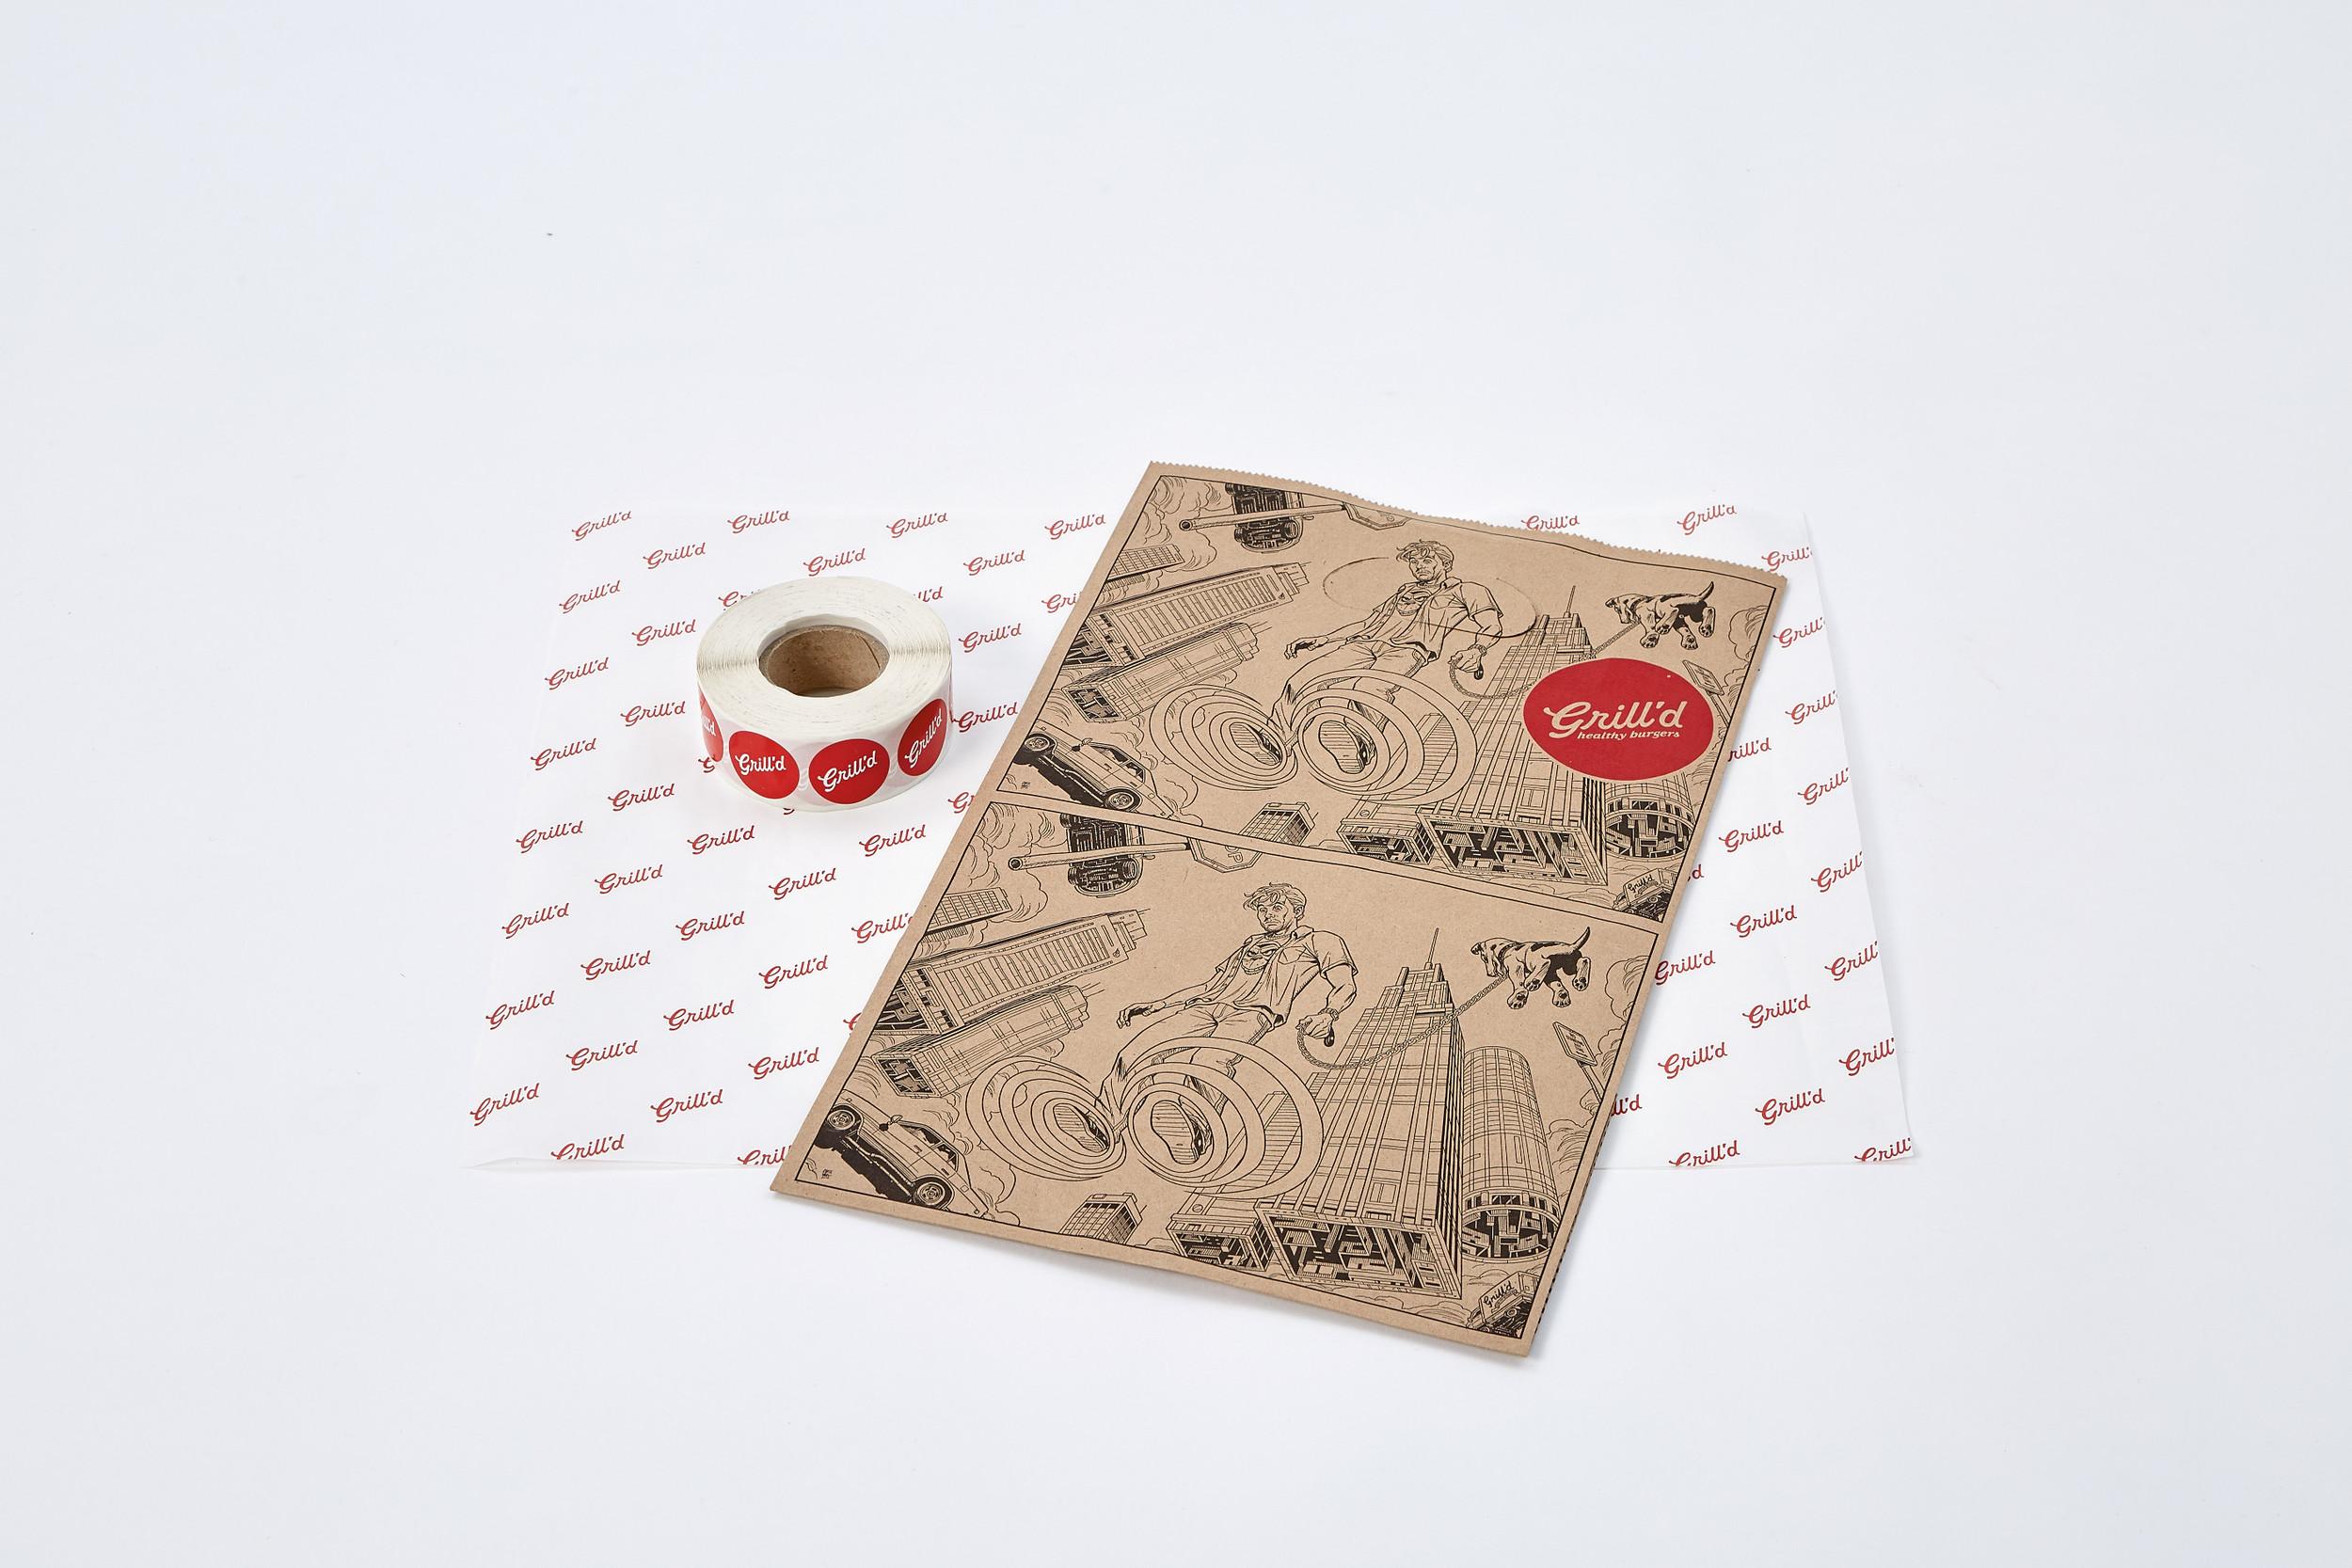 Packaging_Grilled_Group2_01.jpg